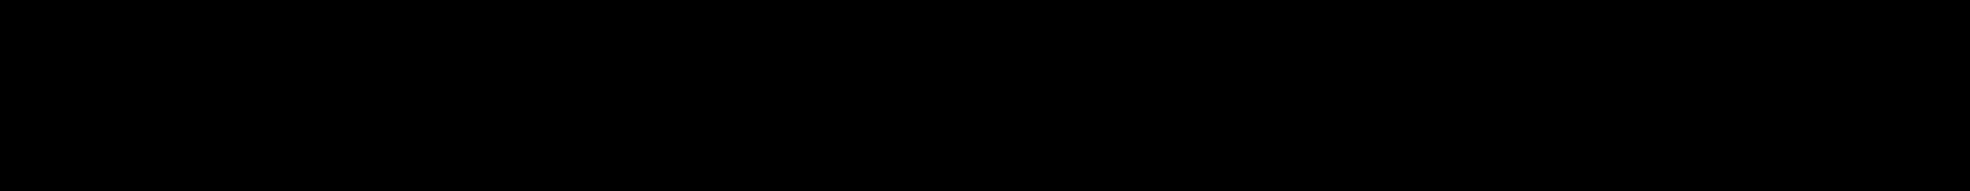 Design System A 700I